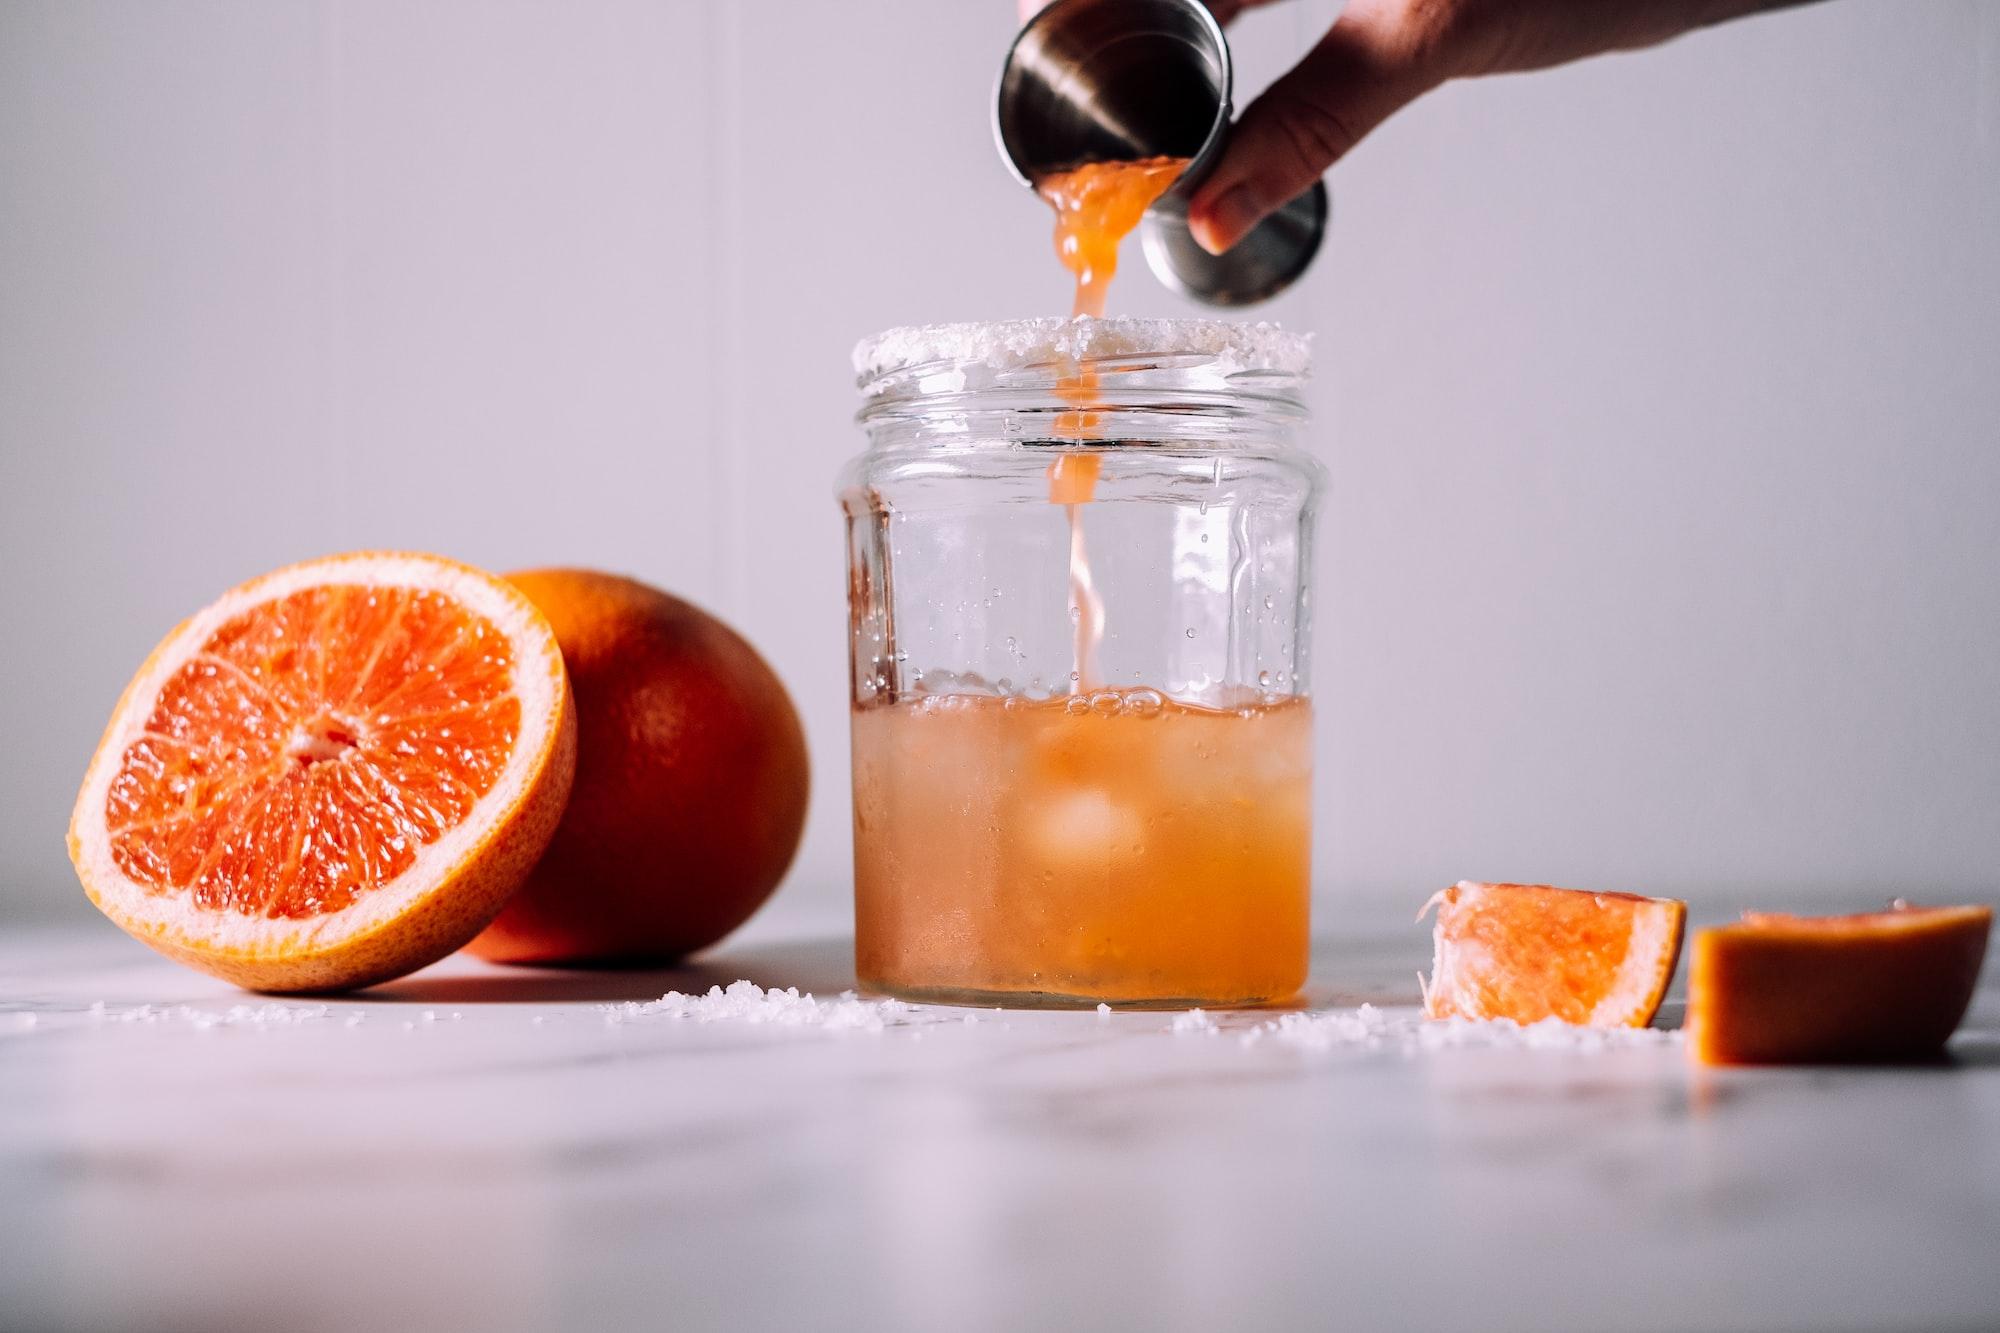 Избегайте употребление грейпфрута во время приема антибиотиков